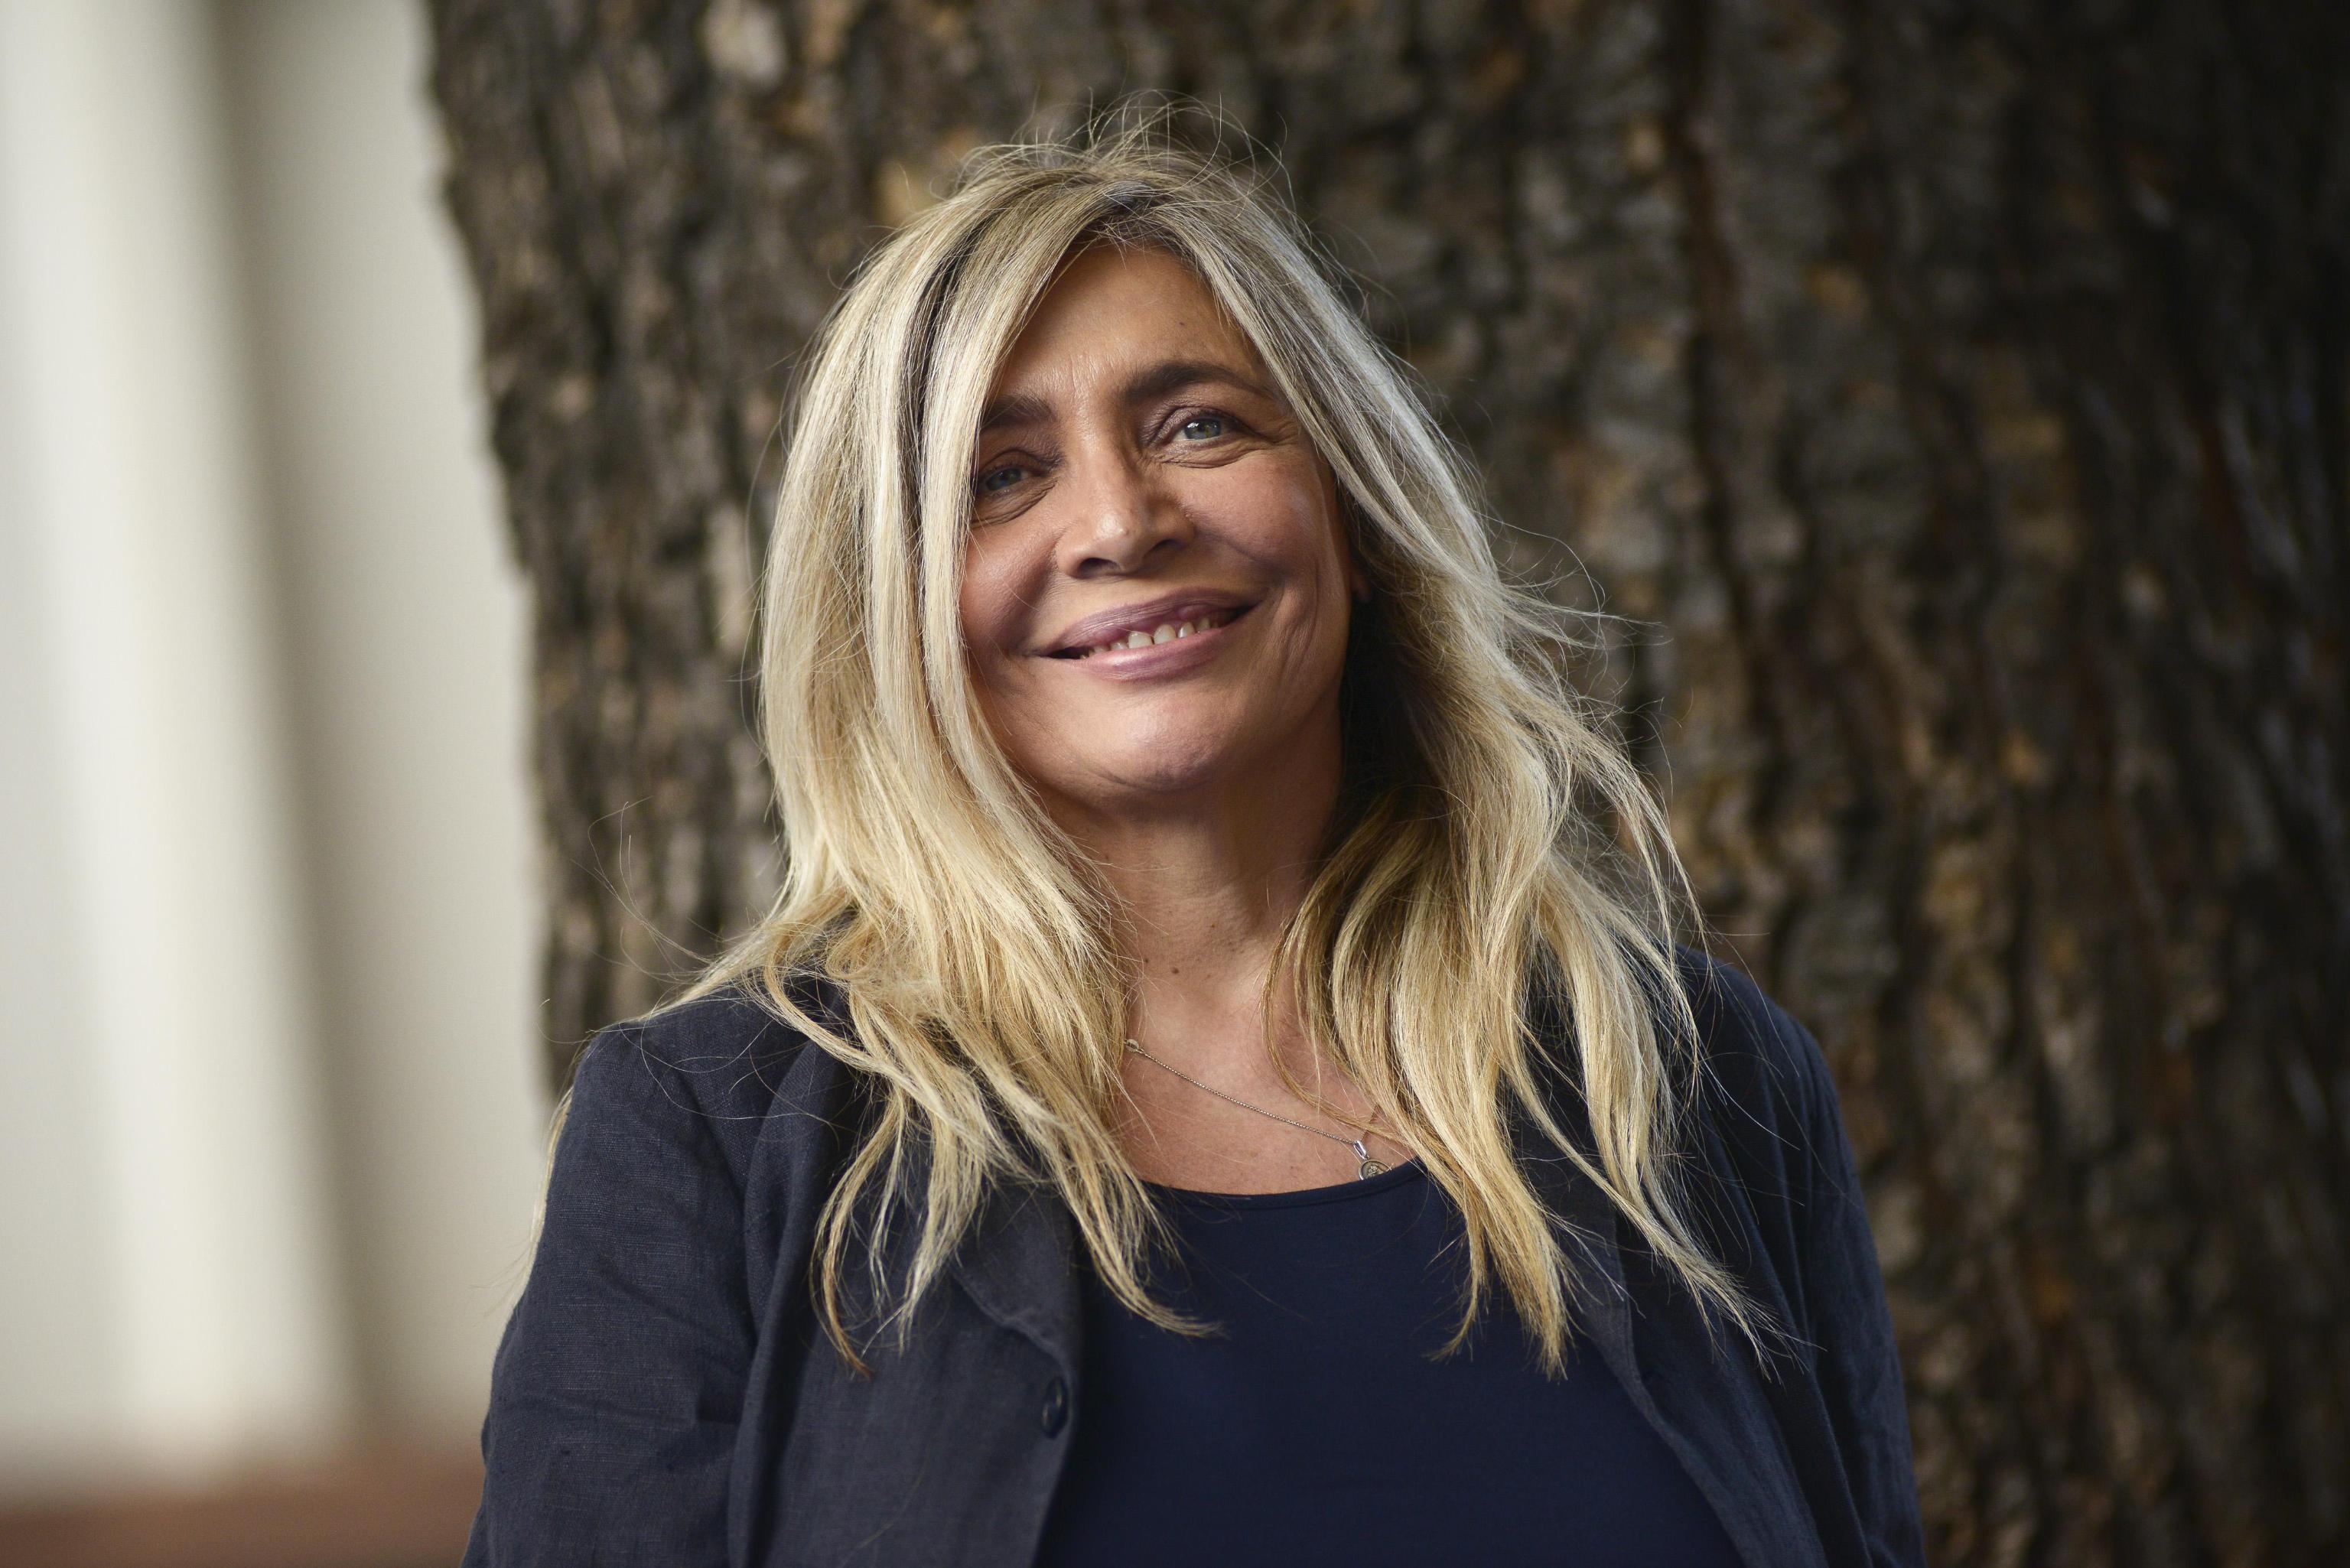 Mara Venier molestata da un politico: 'Ci provò ma gli dissi che aveva capito male'